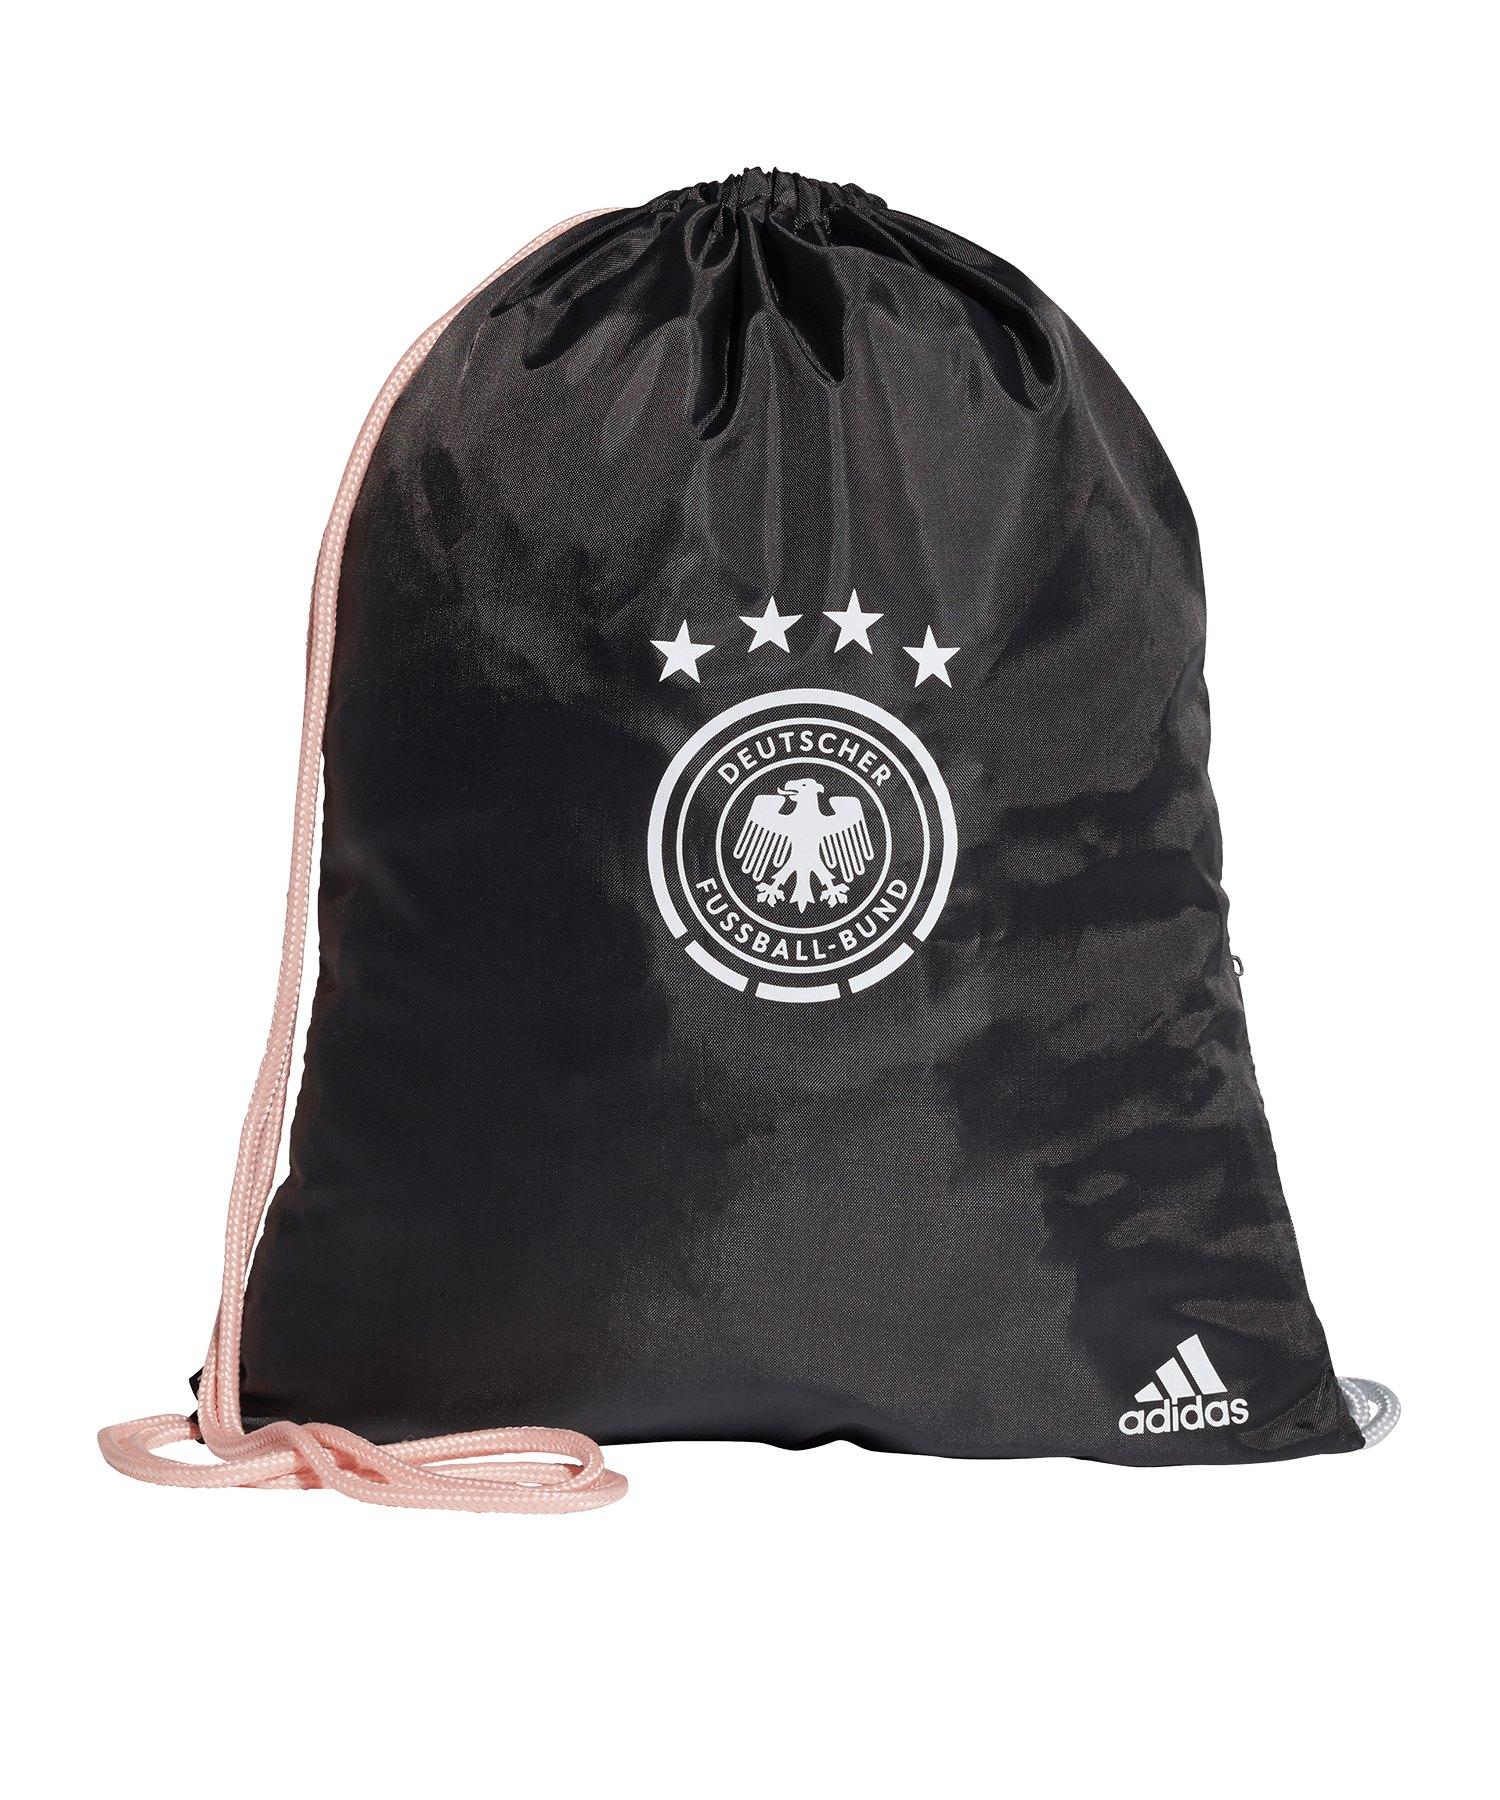 adidas DFB Deutschland Gymsack Schwarz - schwarz